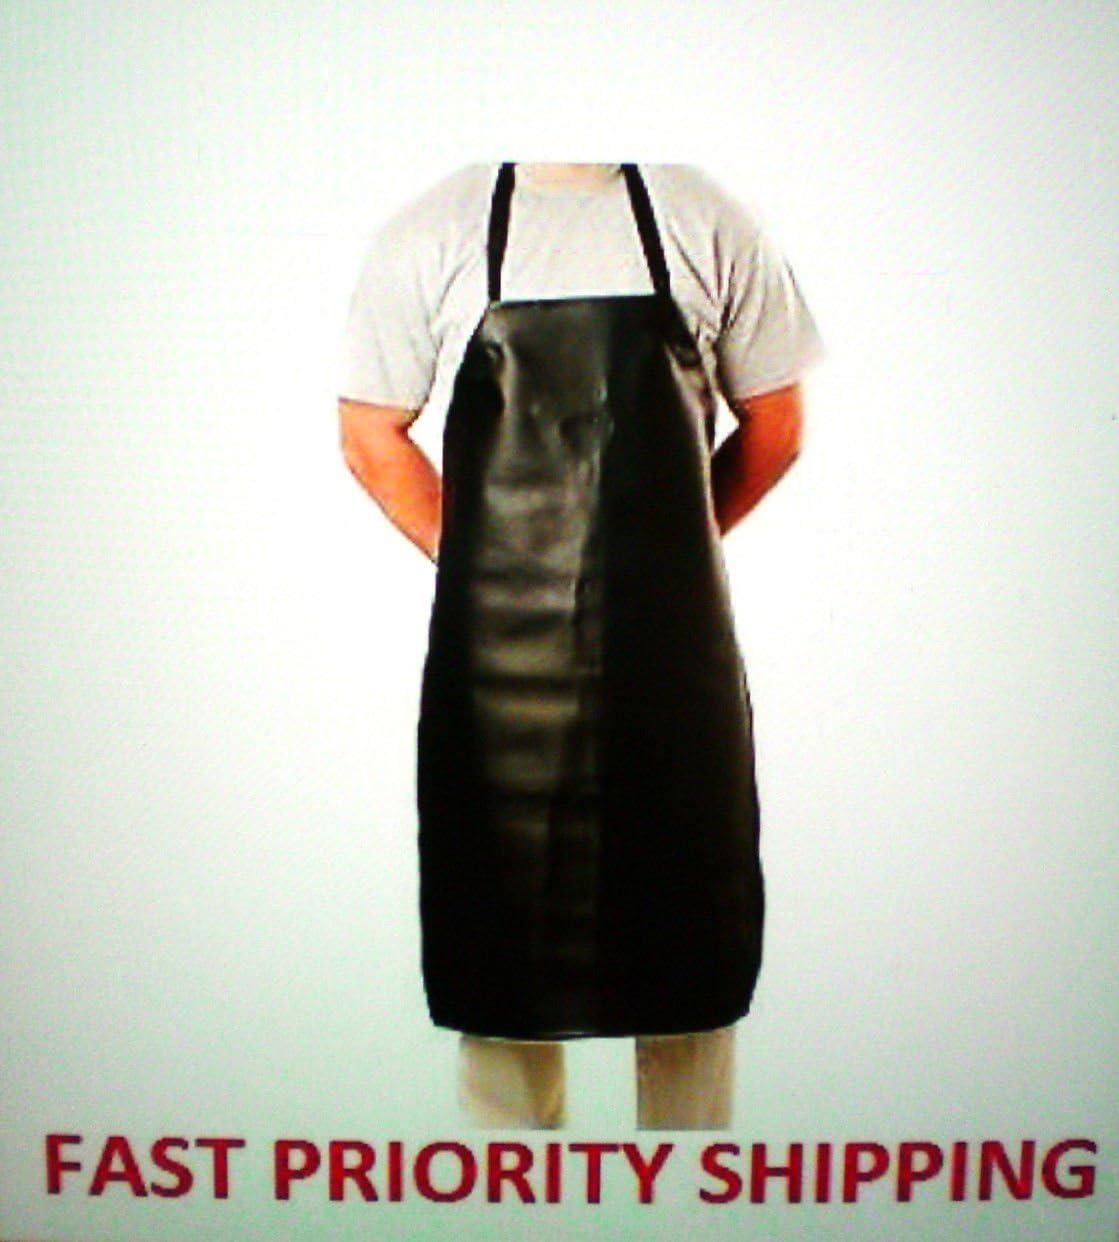 Generic LQ.. 8.. LQ.. 1307.. LQ ACK Vin Tablier en vinyle–Restau Noir de qualité sur Heavy Duty–Avy DUT étanche Restaurant Rcial Chef Commercial Chef Us6-lq-16apr15–4